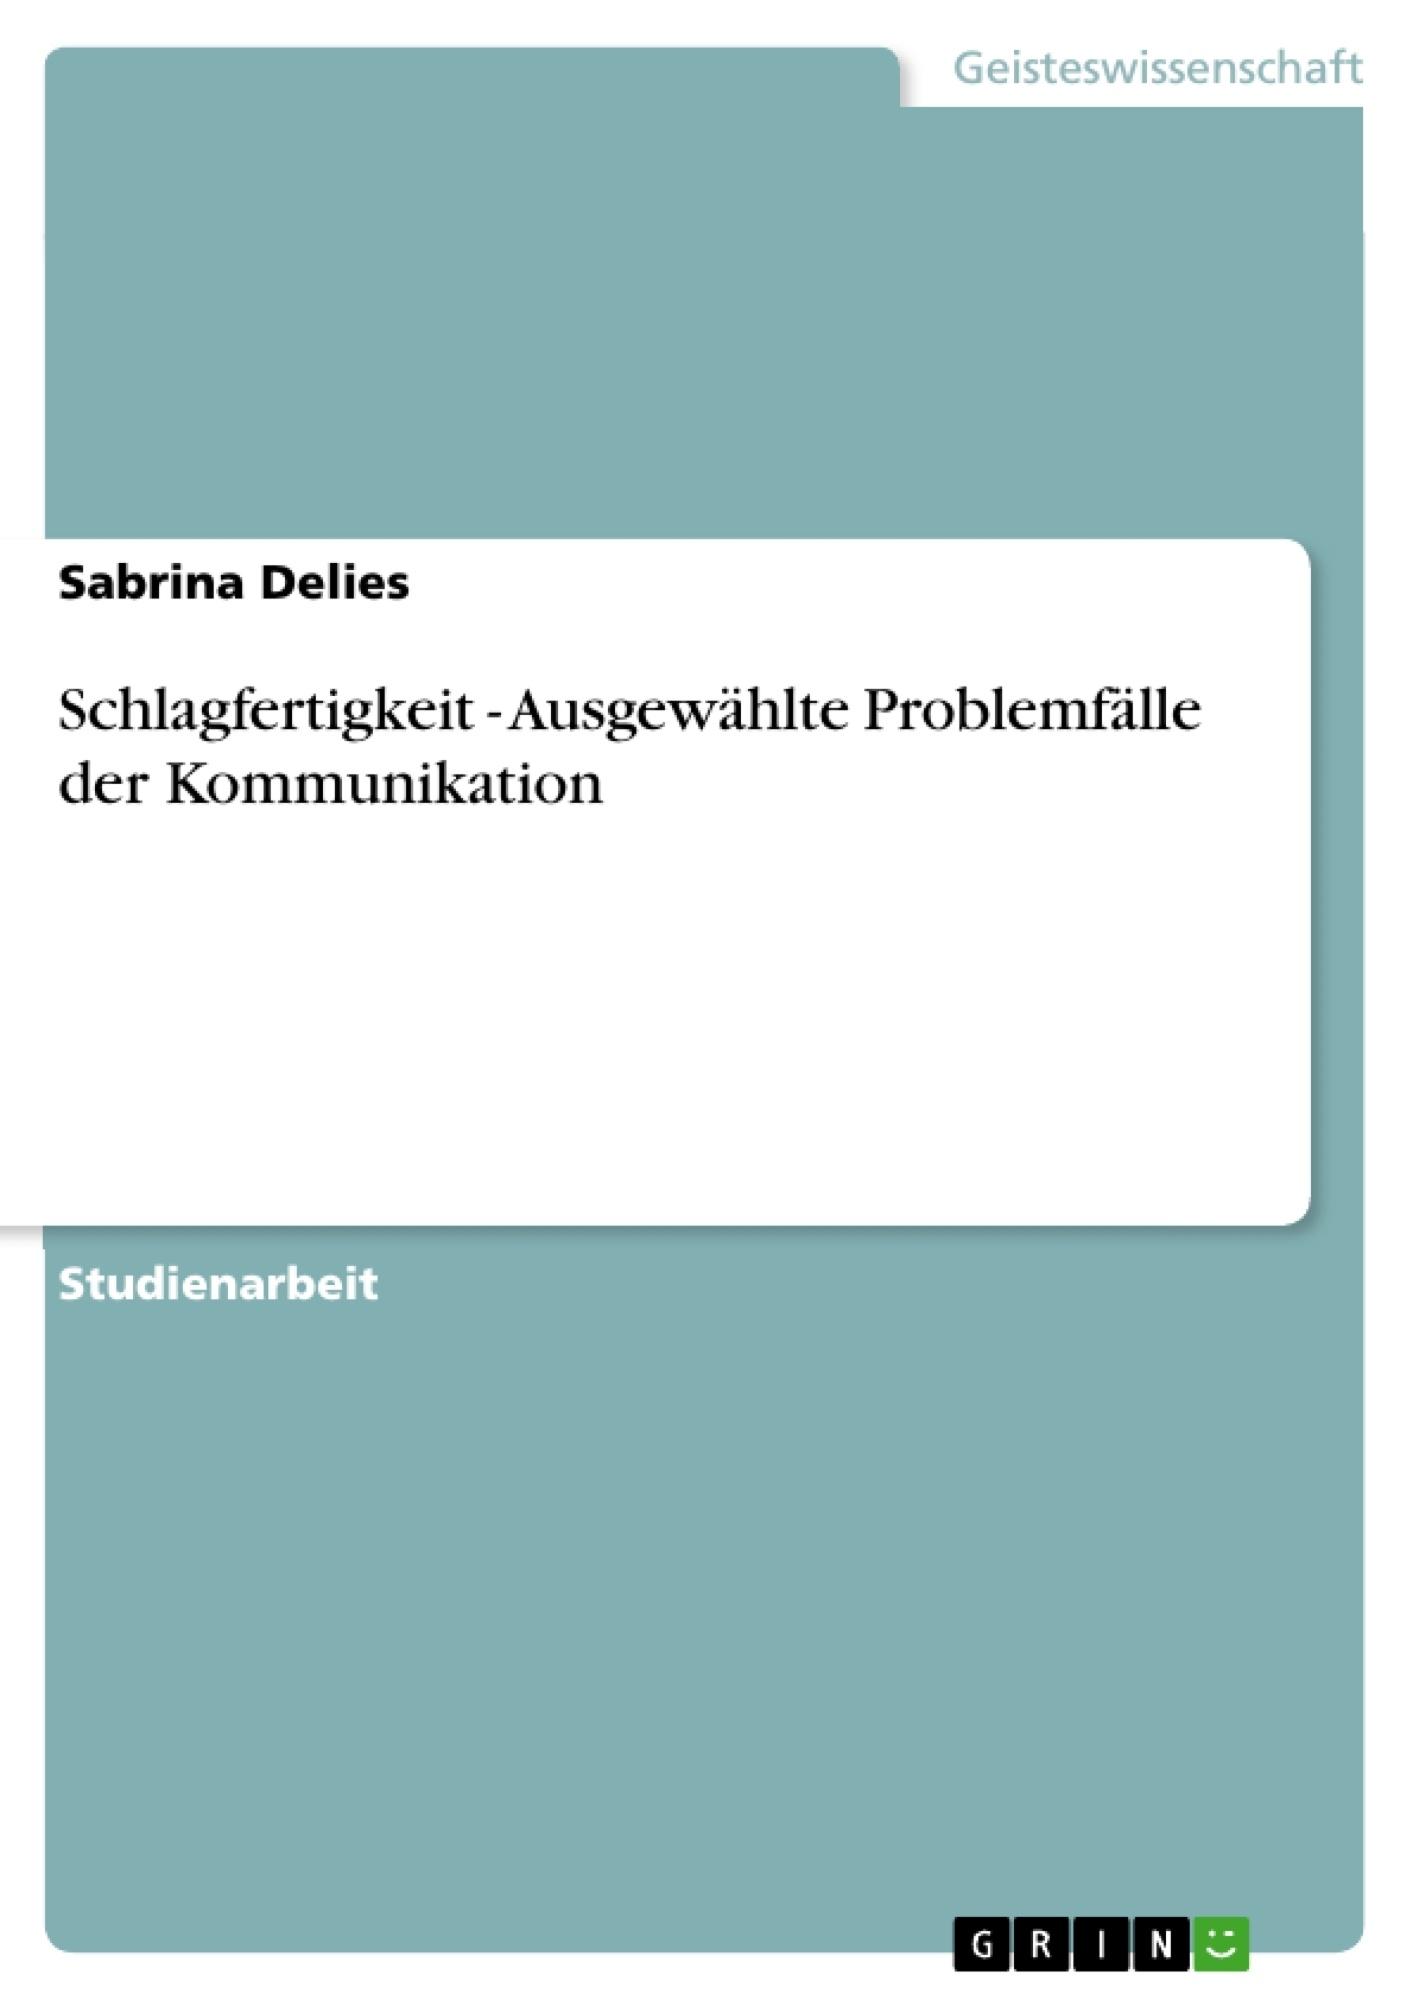 Titel: Schlagfertigkeit - Ausgewählte Problemfälle der Kommunikation